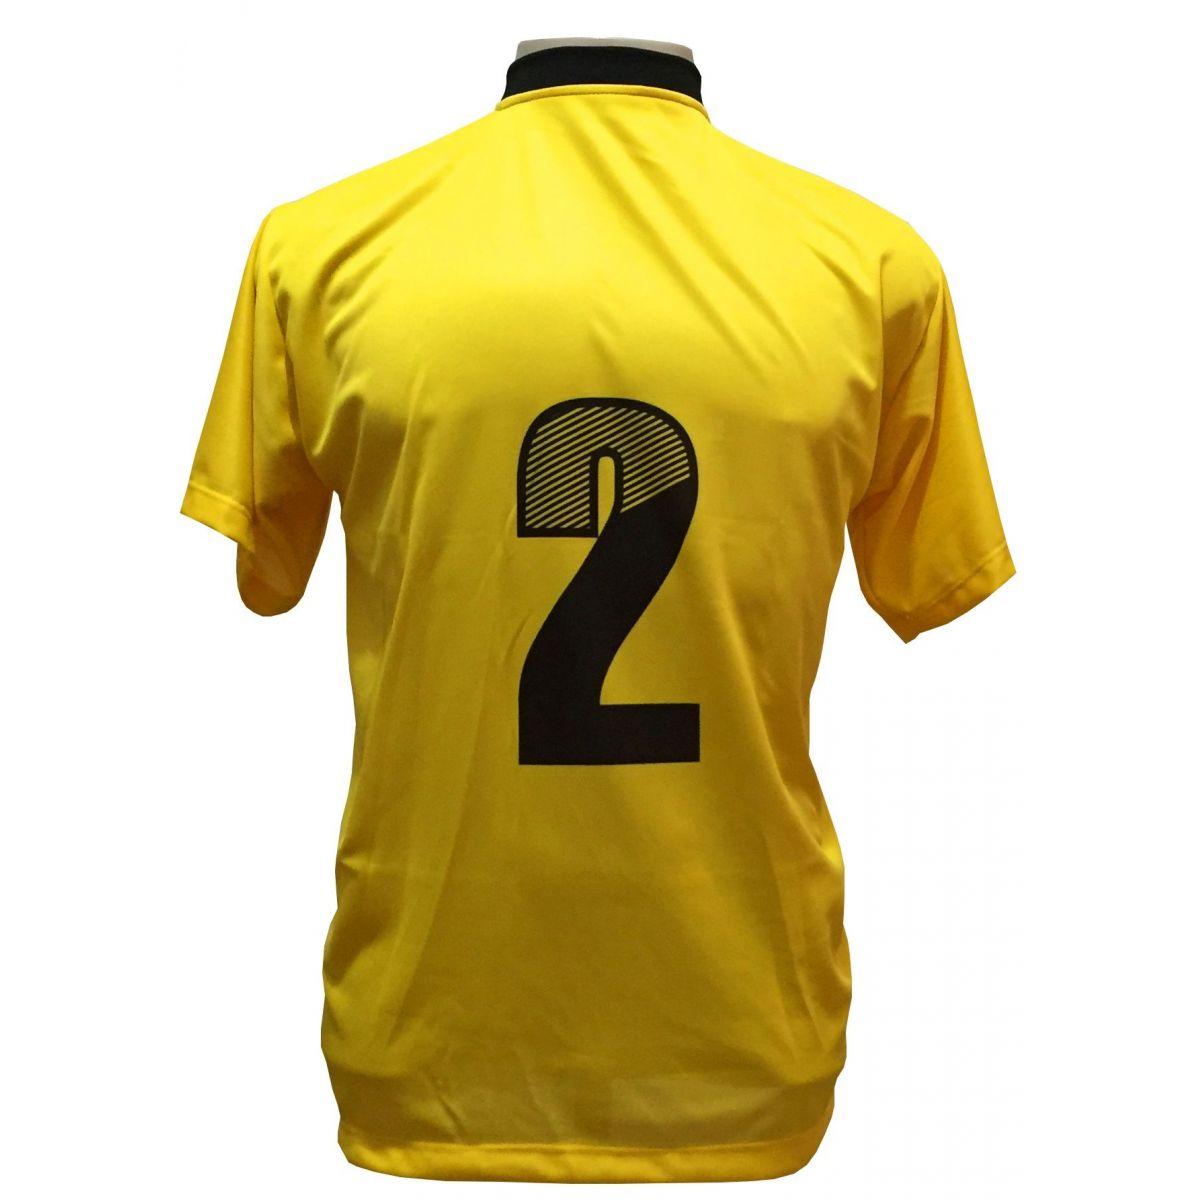 Jogo de Camisa com 20 unidades modelo Roma Amarelo/Preto